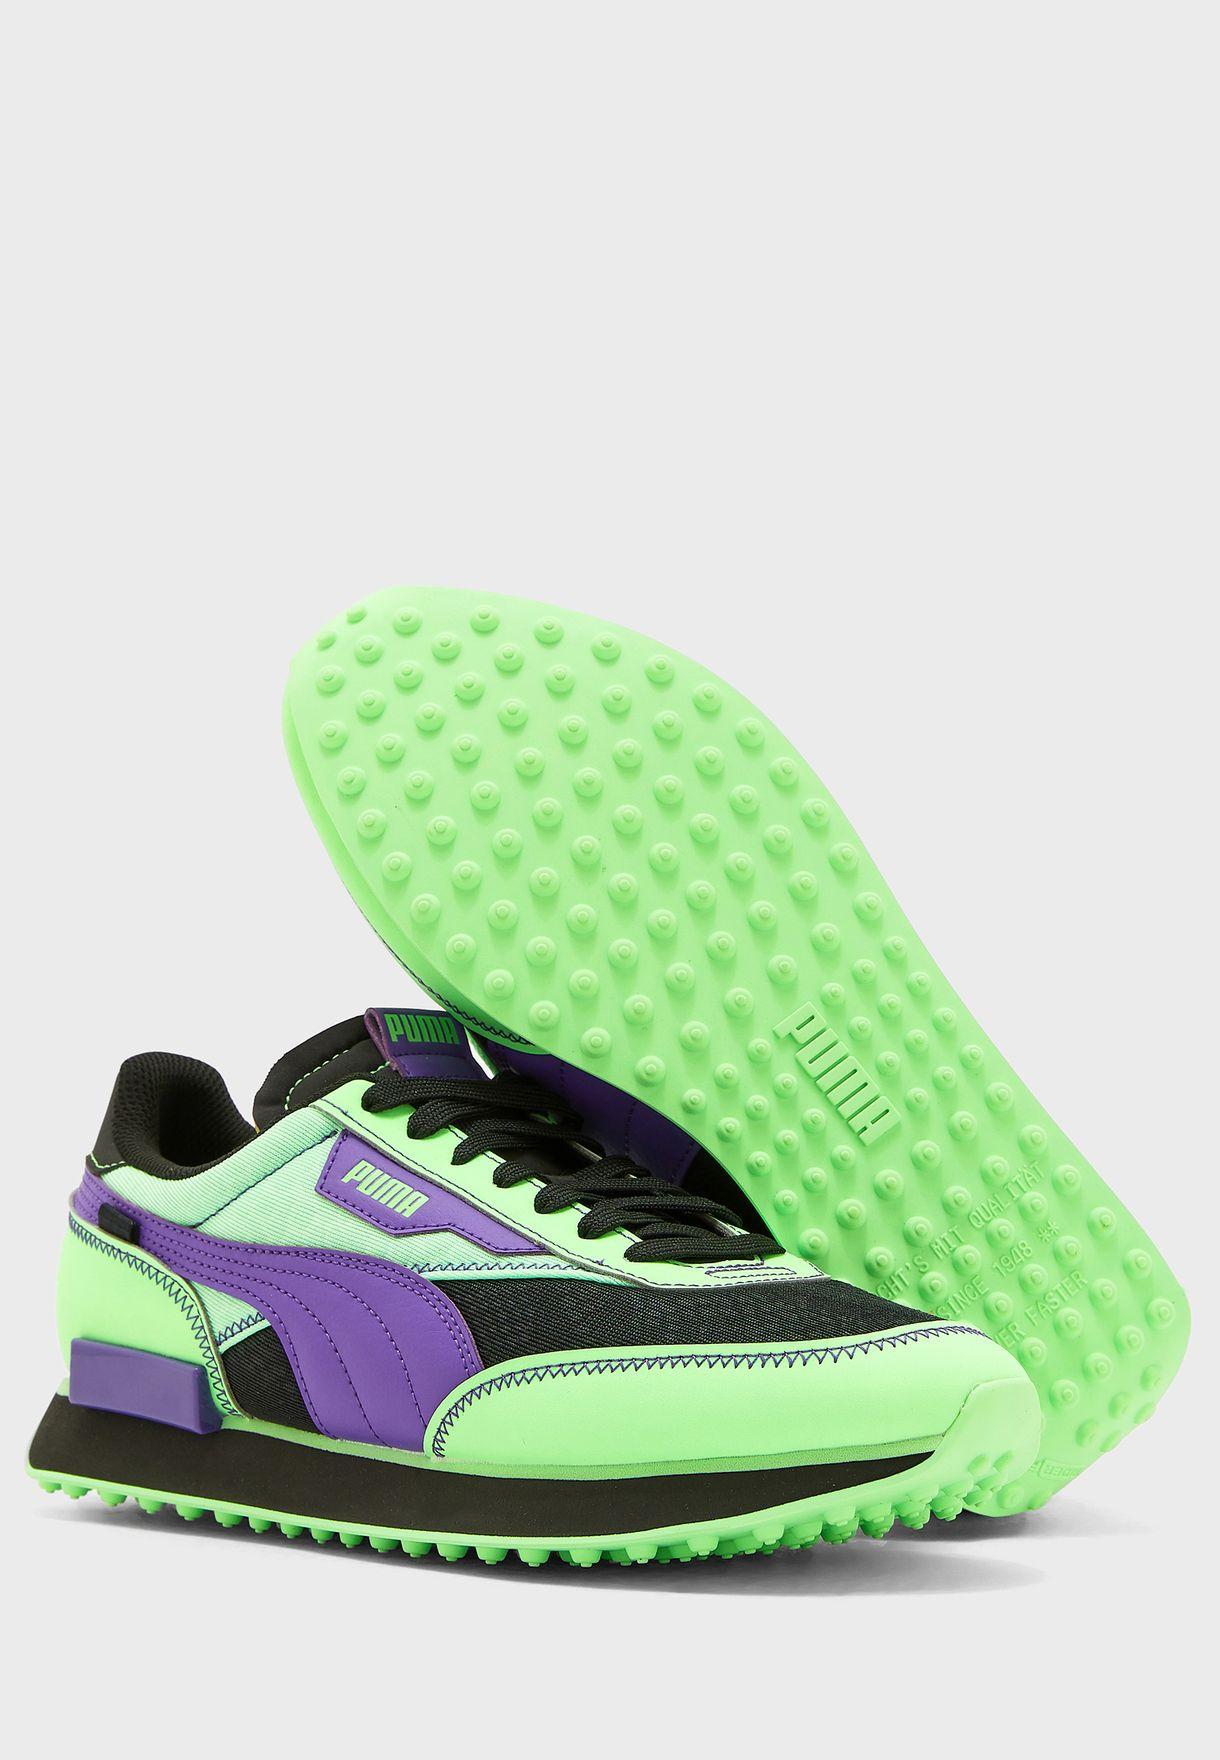 حذاء فيوتشر رايدر فيوتشر ميوتانتس